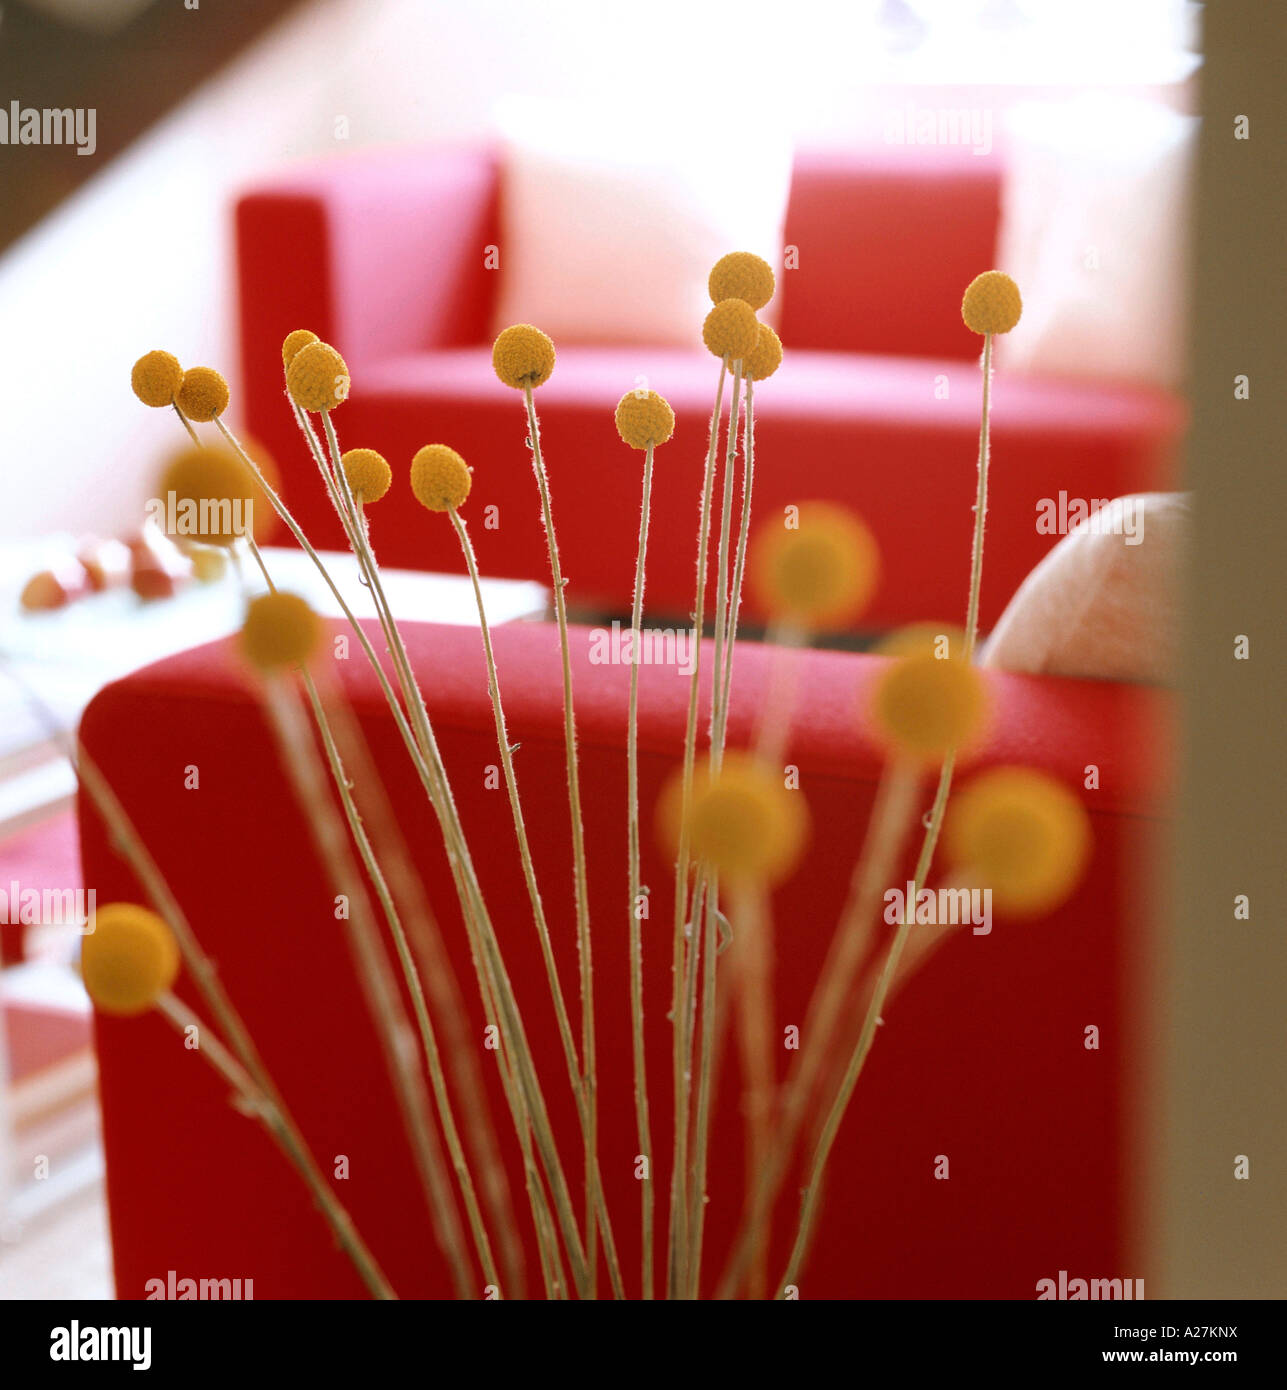 Détail de plante sèche tête en intérieur avec des sofas rouges Photo Stock